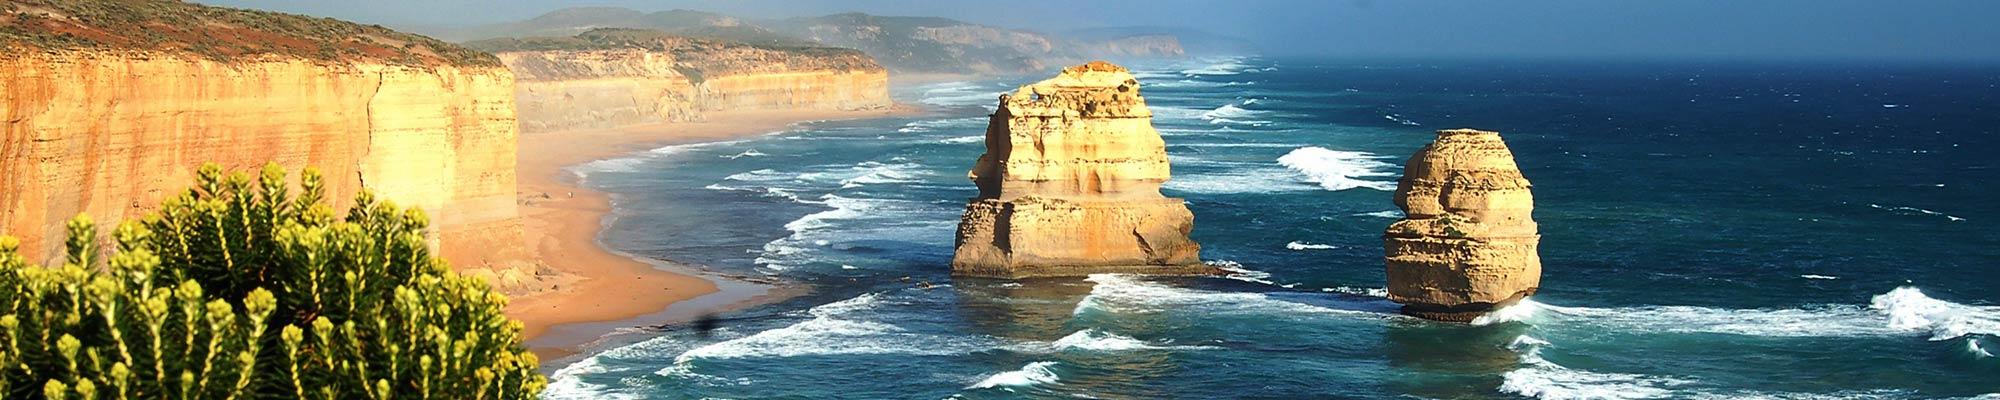 Coastal Monitoring Automated Coastal Monitoring Systems